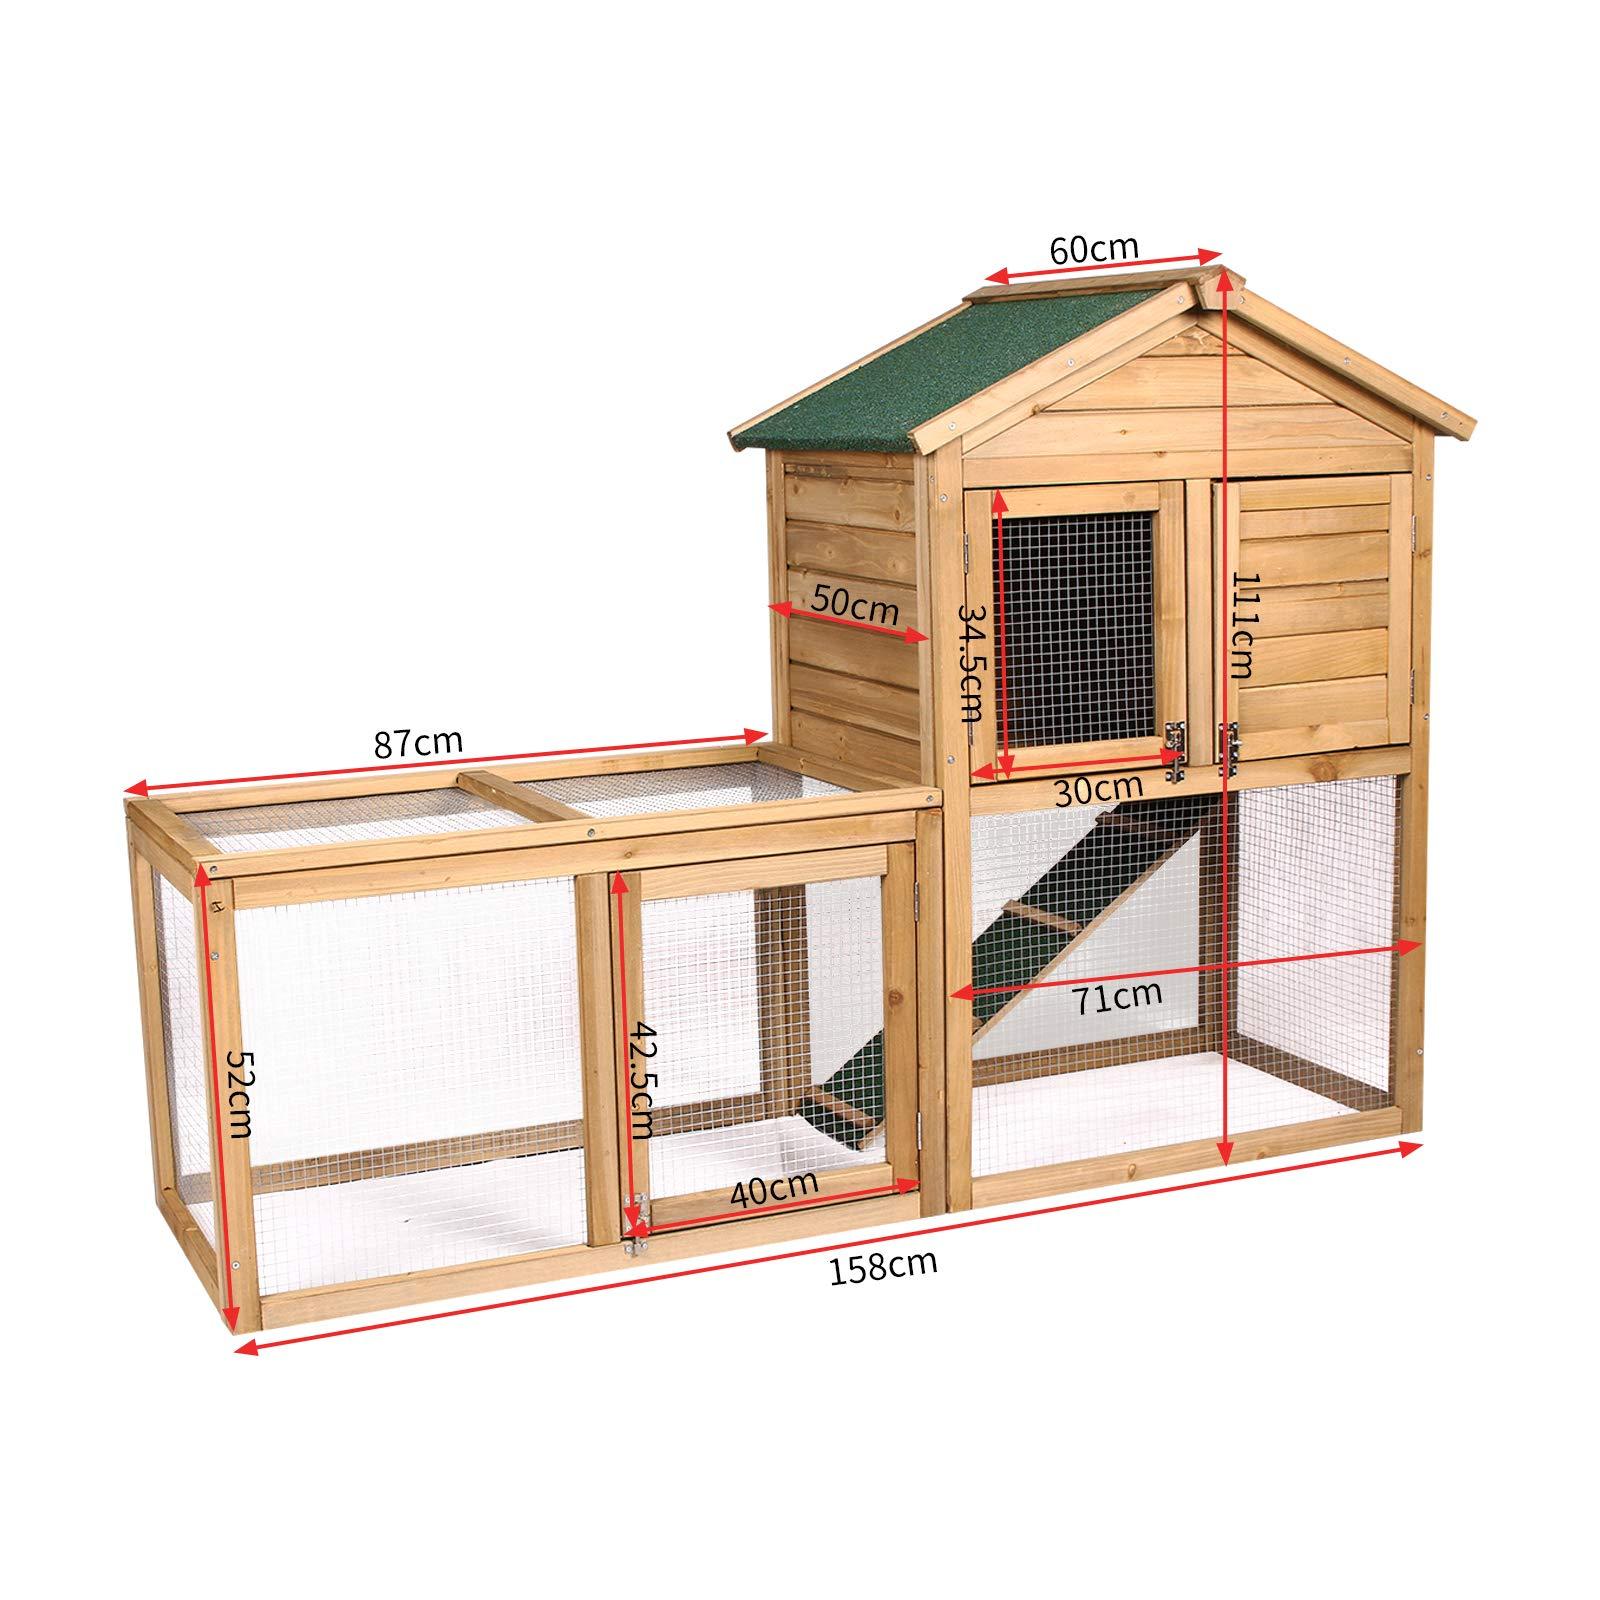 Rosewood t/únel de actividades para jugar para peque/ños animales como conejos